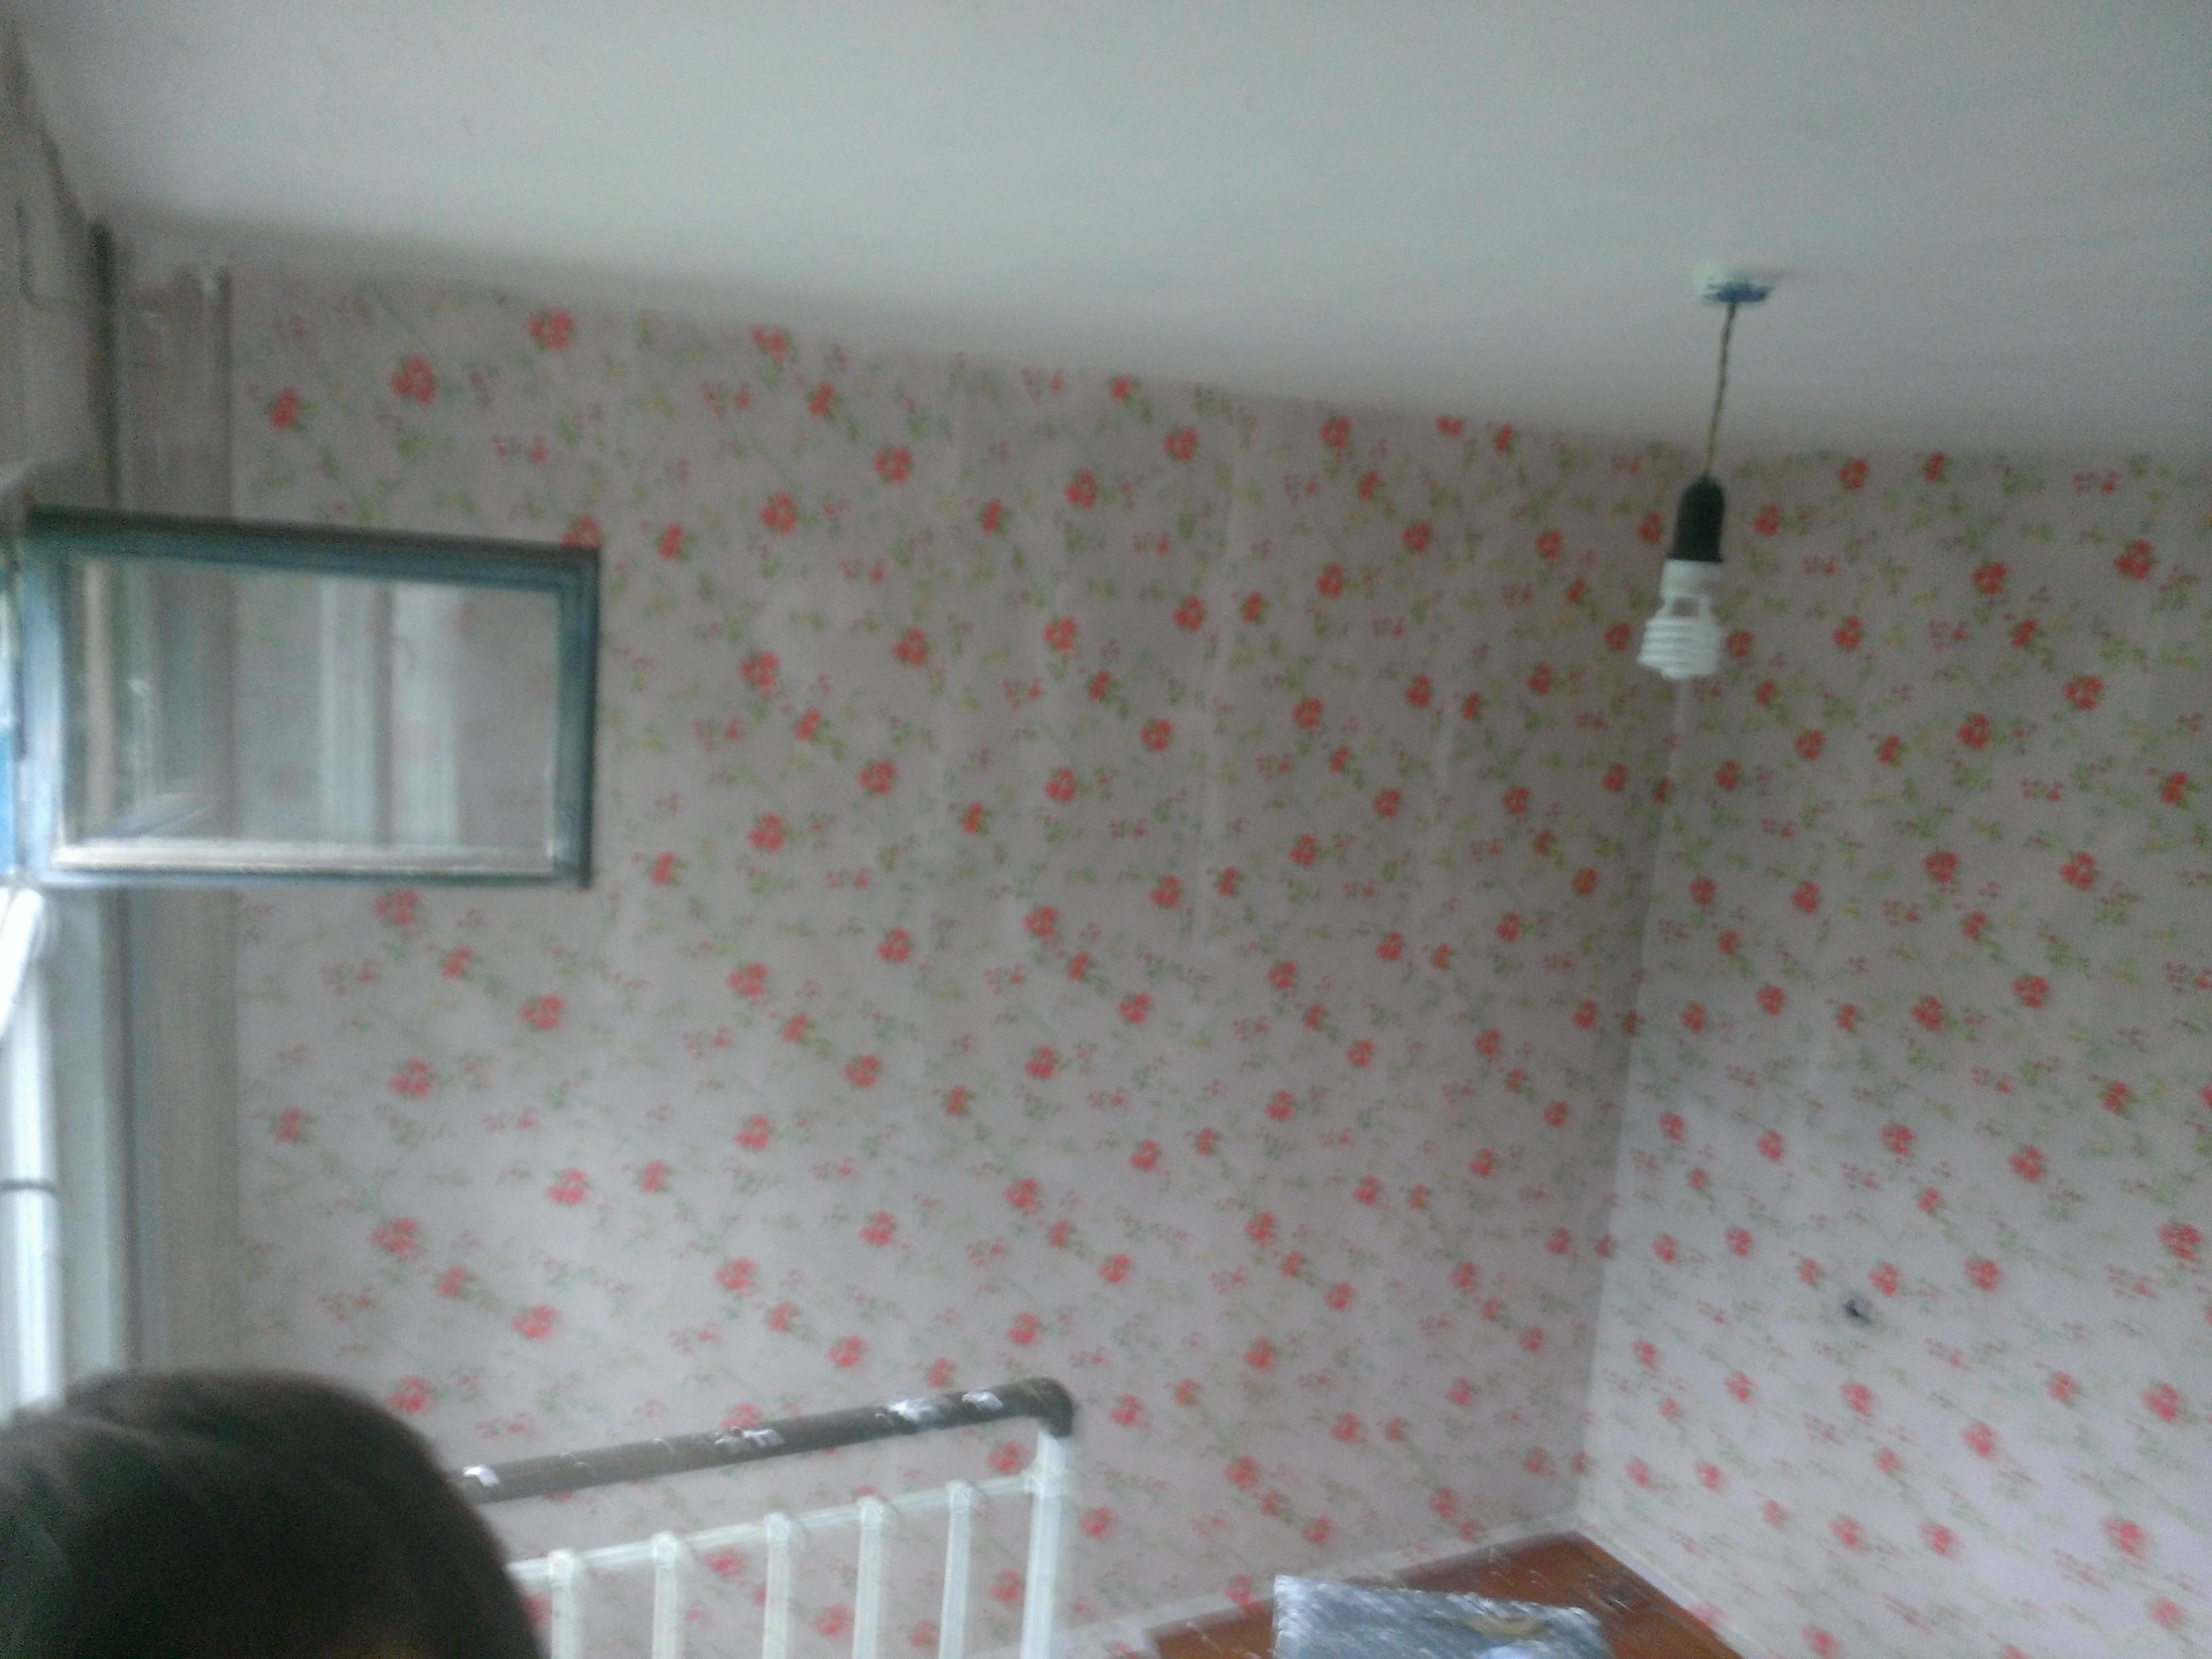 Фото Сделать косметический ремонт(покрасить потолок , окно, и поклеить обои)